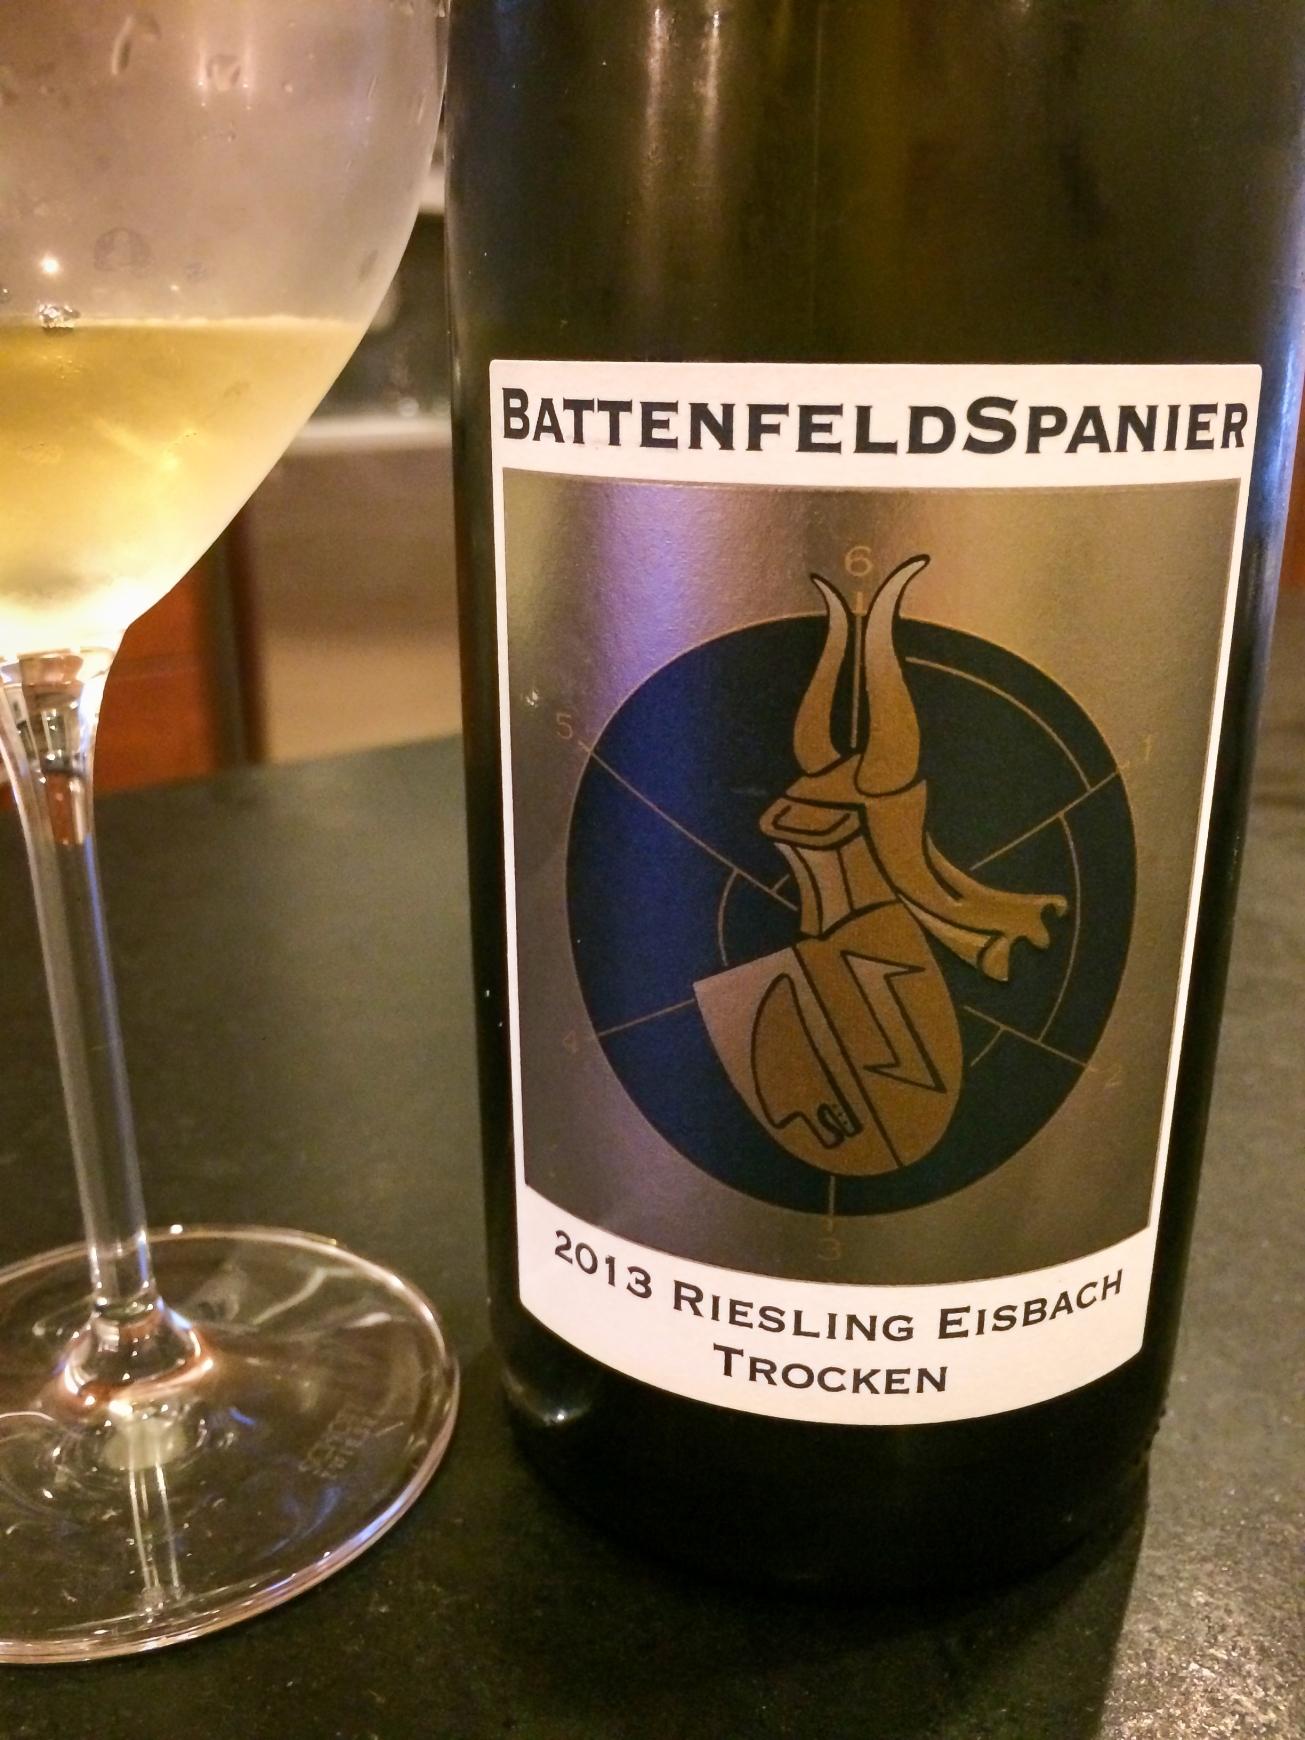 2013 Weingut Battenfeld-Spanier Eisbach Riesling